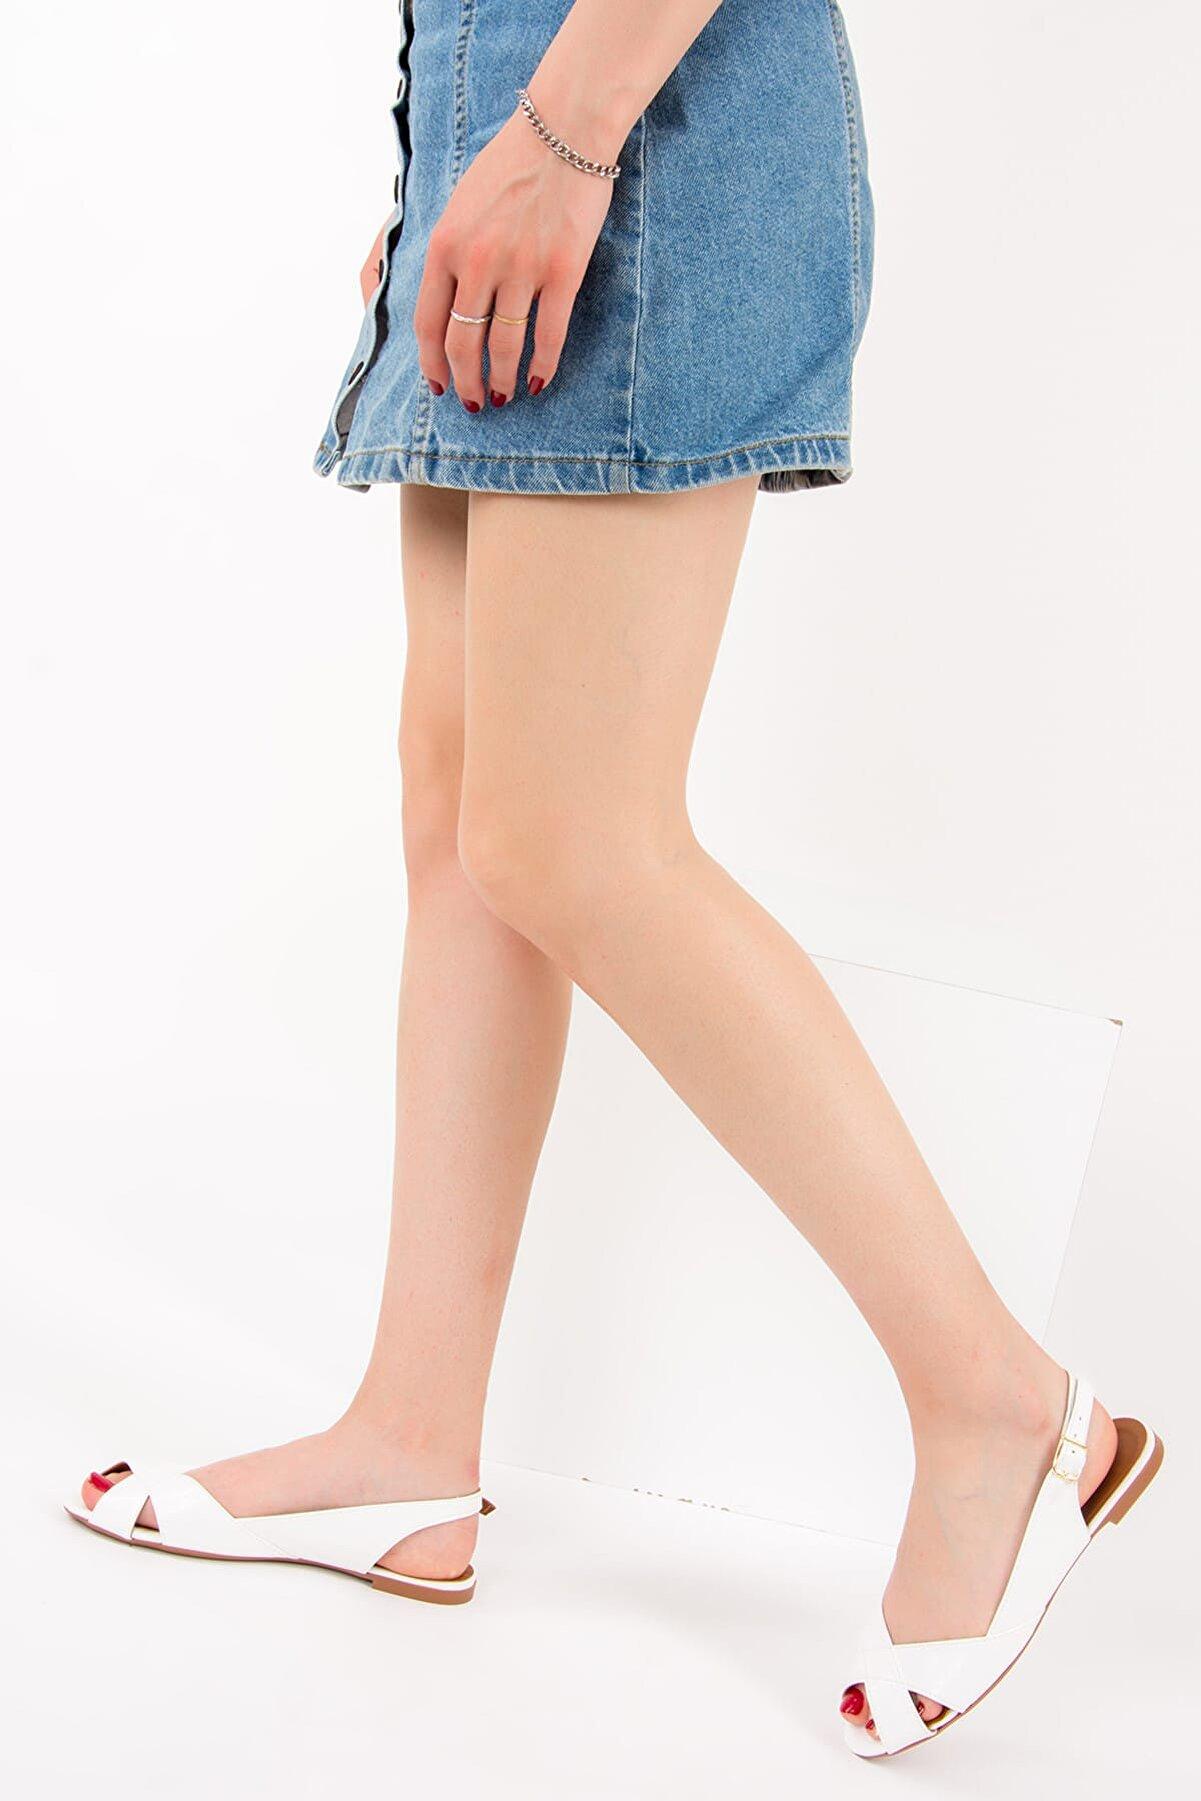 Fox Shoes Beyaz Kadın Sandalet 9726106609